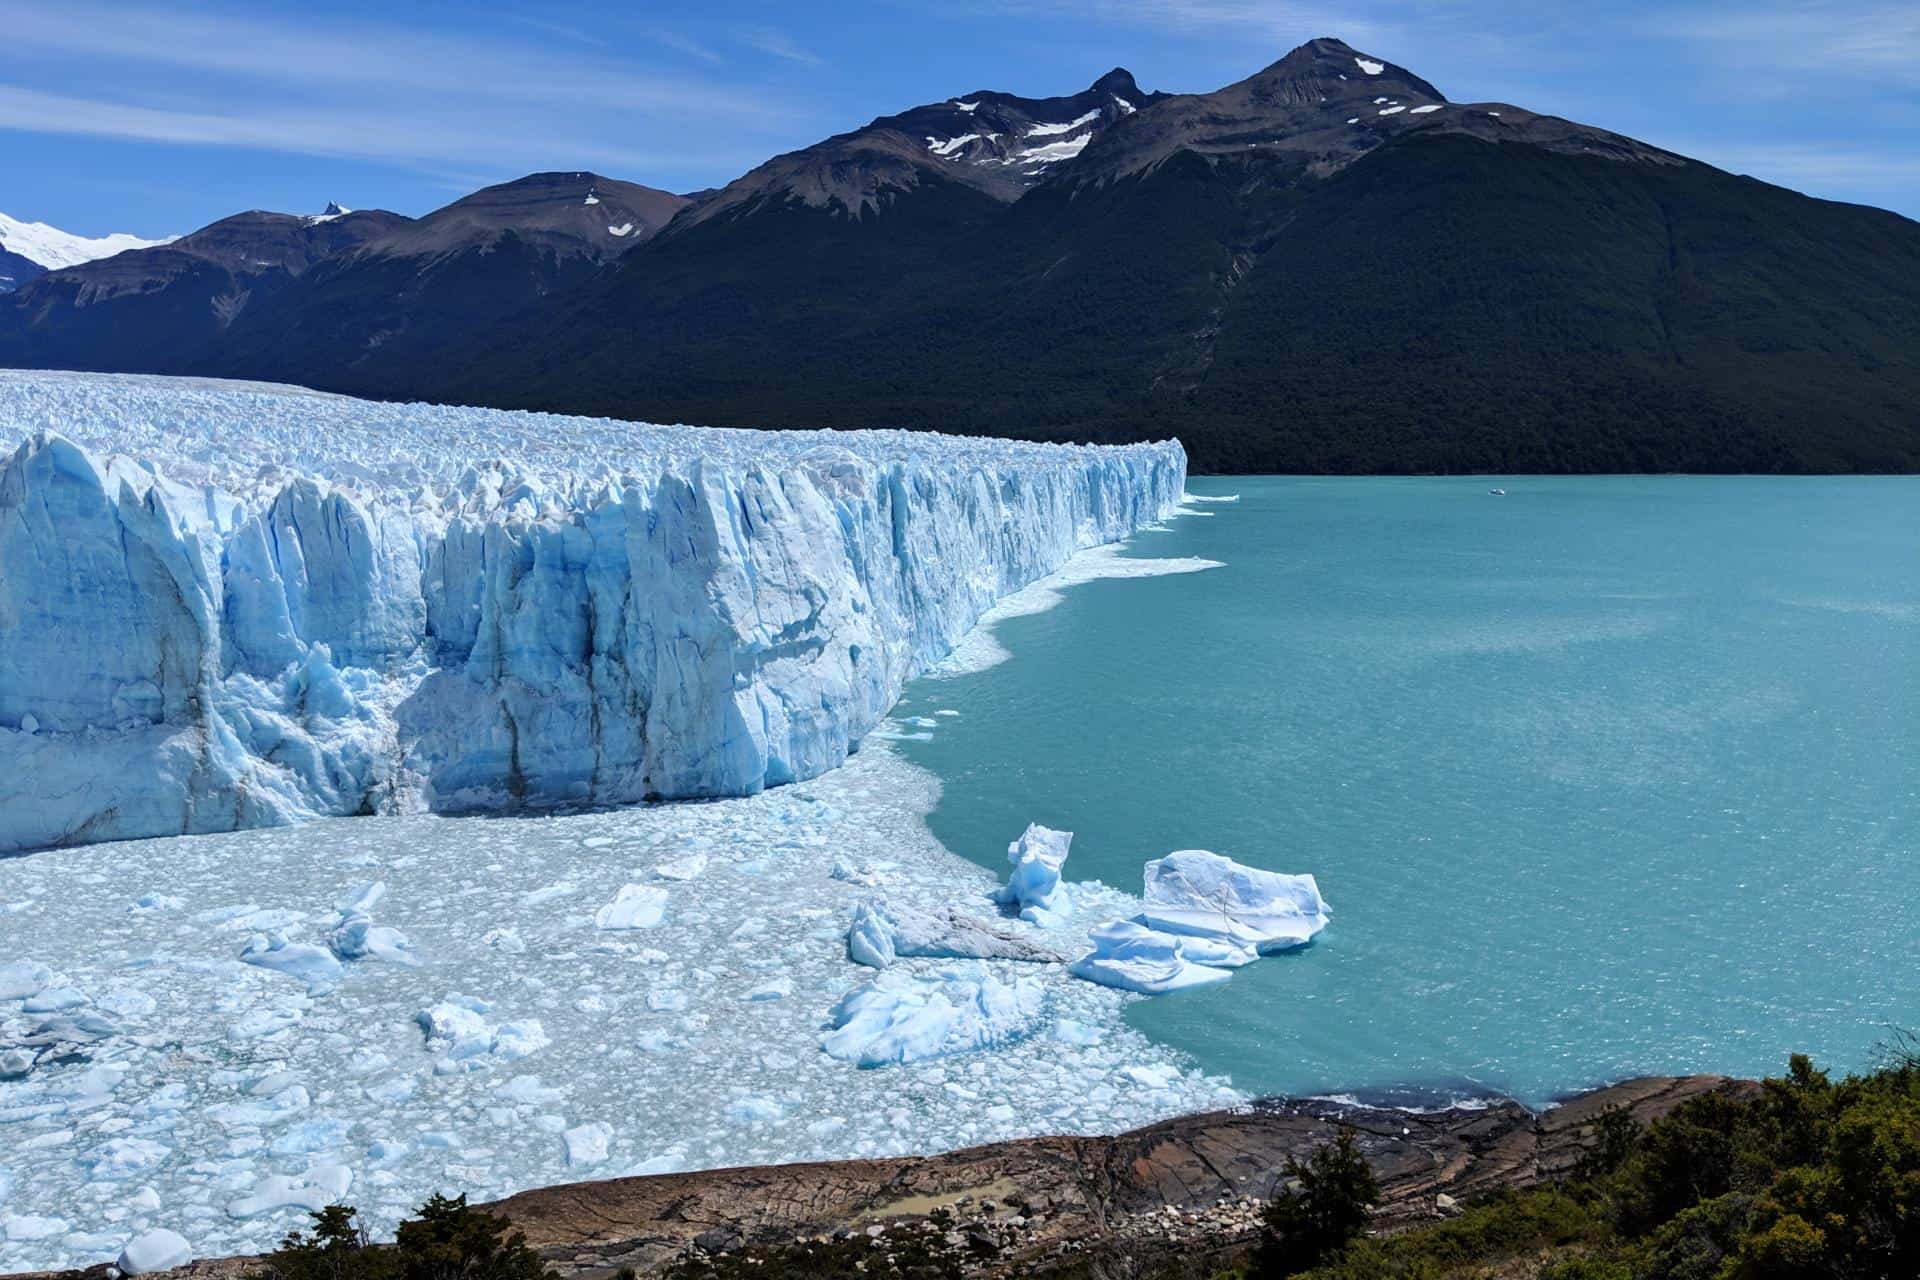 Nördliche Abbruchkante des Perito-Moreno-Gletschers